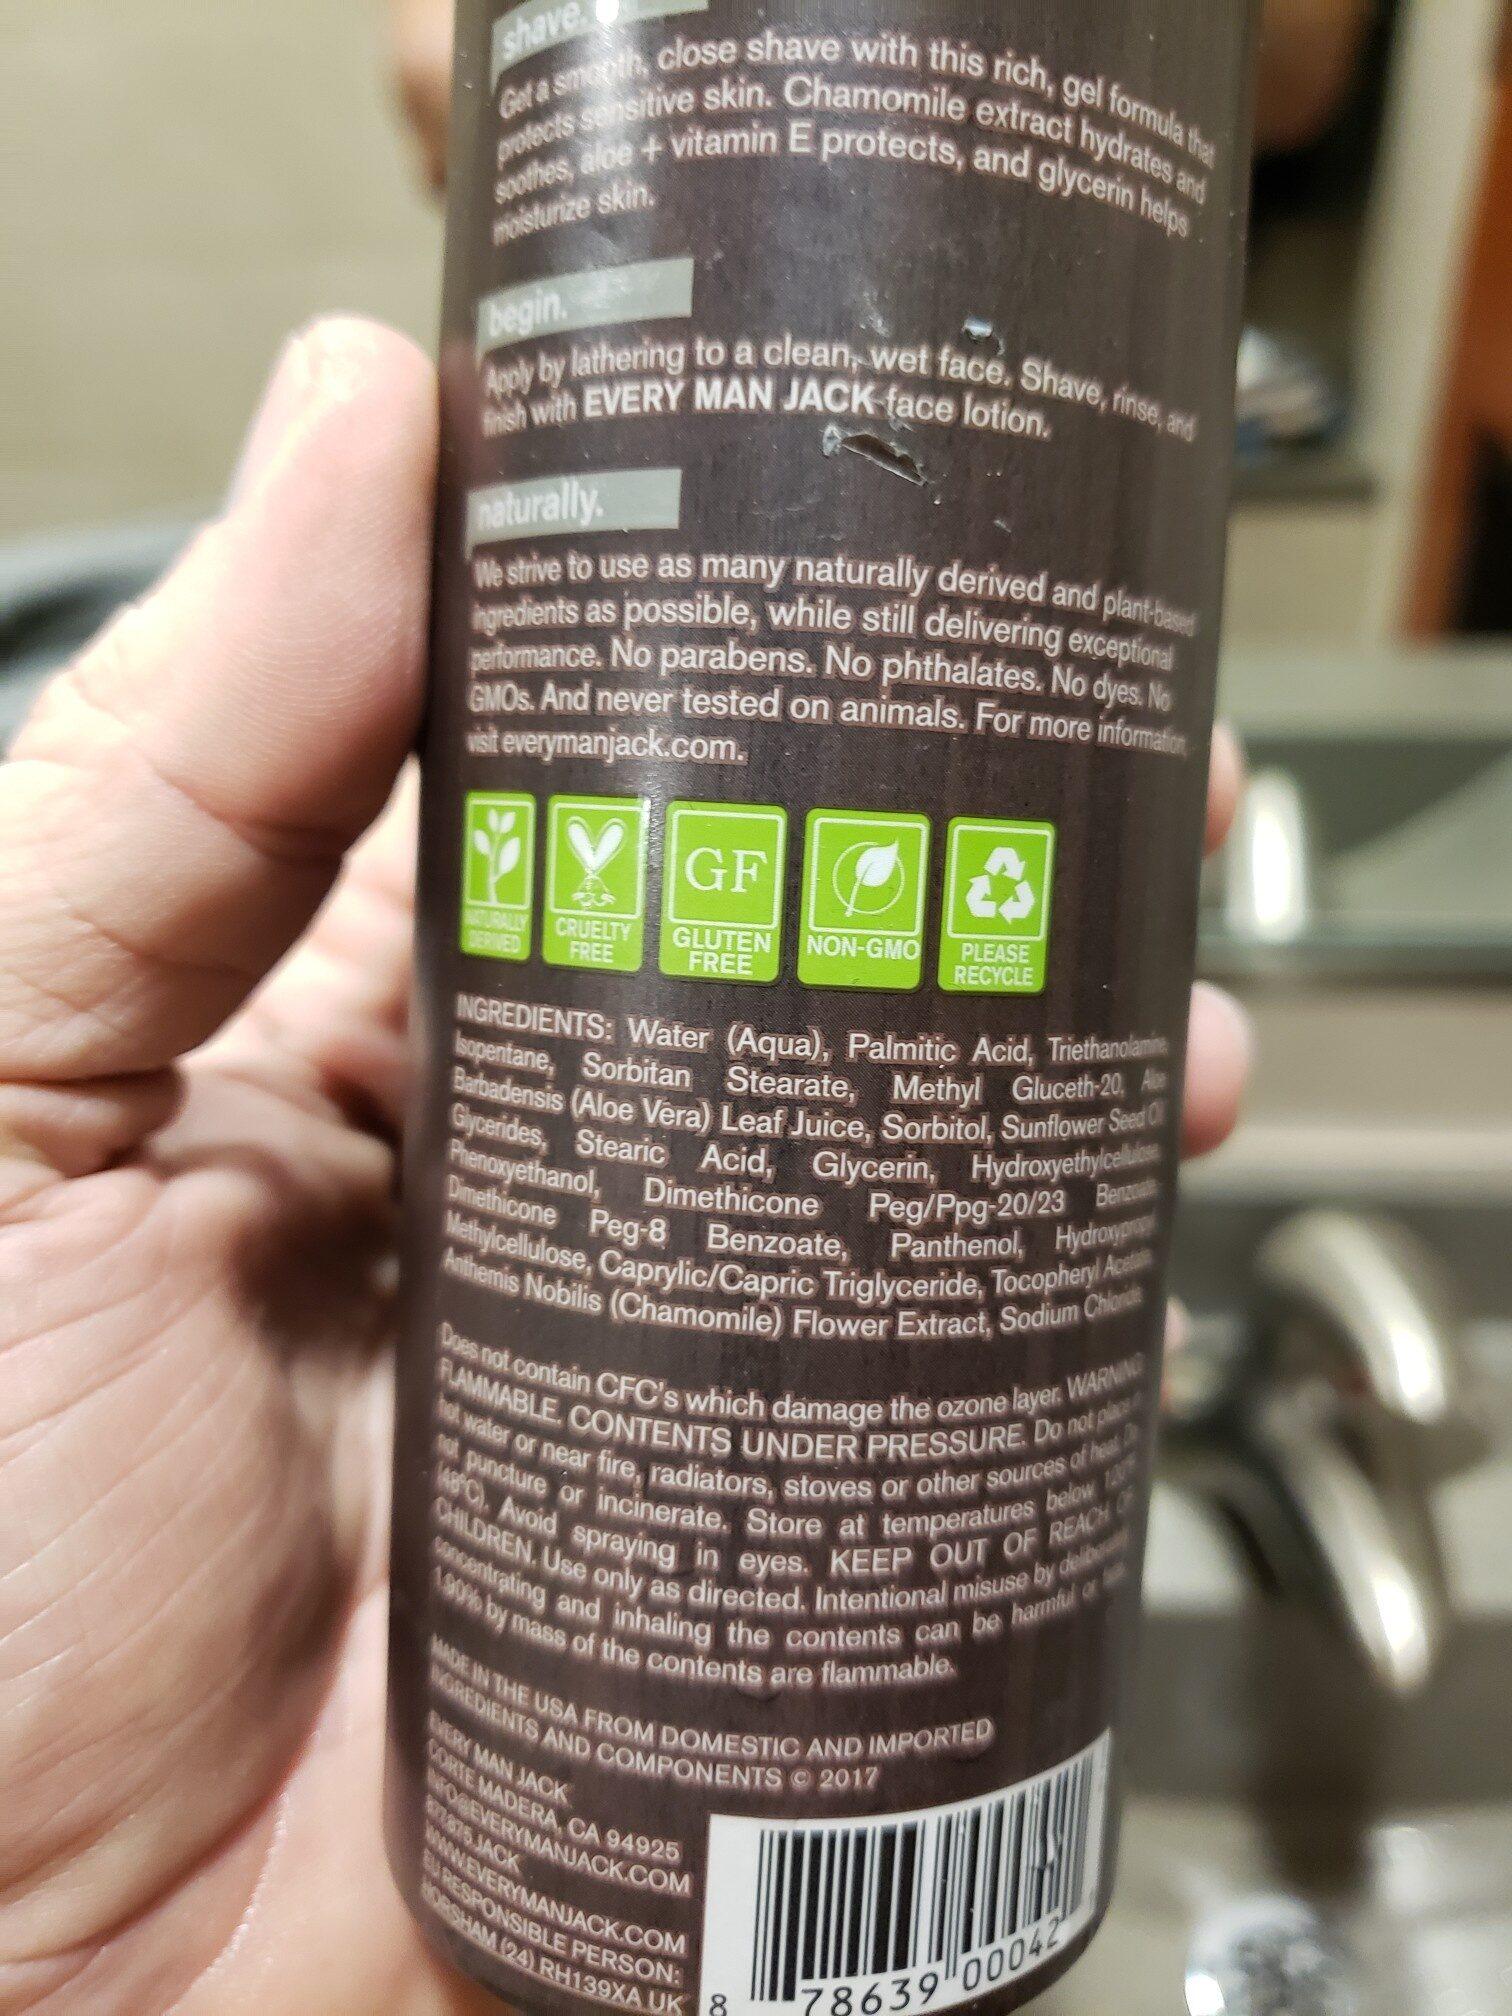 Every Man Jack Shave Gel - Ingredients